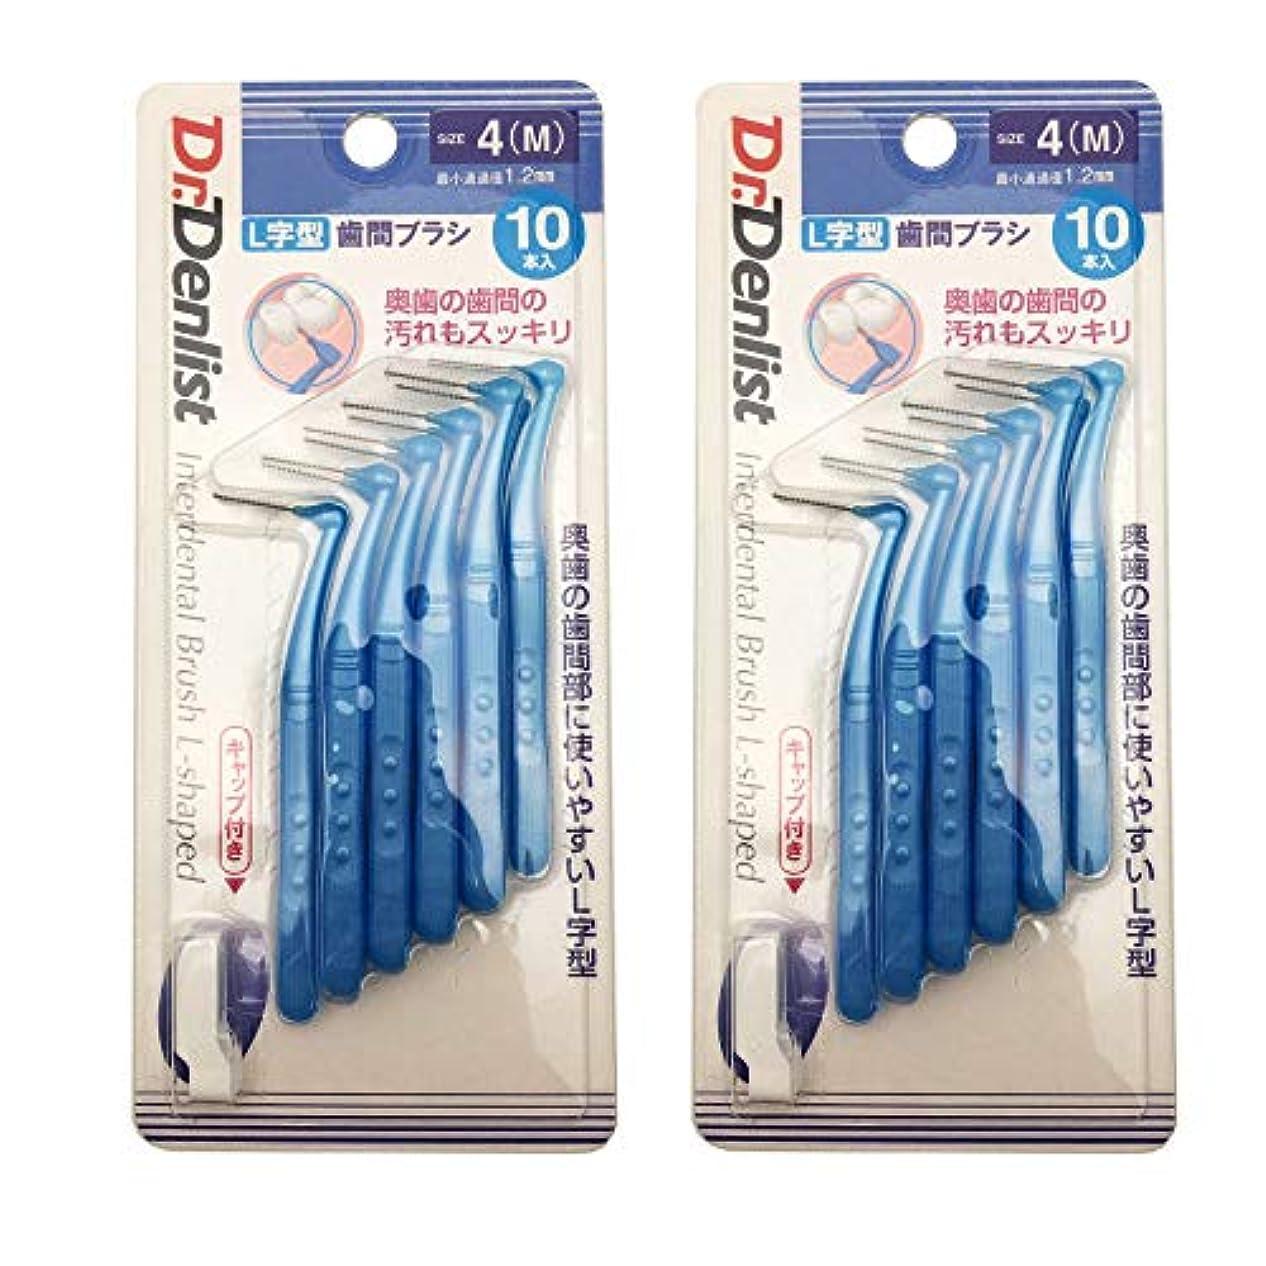 スモッグおじいちゃんピザ歯間ブラシL字型4(M) 10本×2個(計20本セット)最少通過径1.2mm Dr.??????l字型 歯間清掃 歯間 ようじ